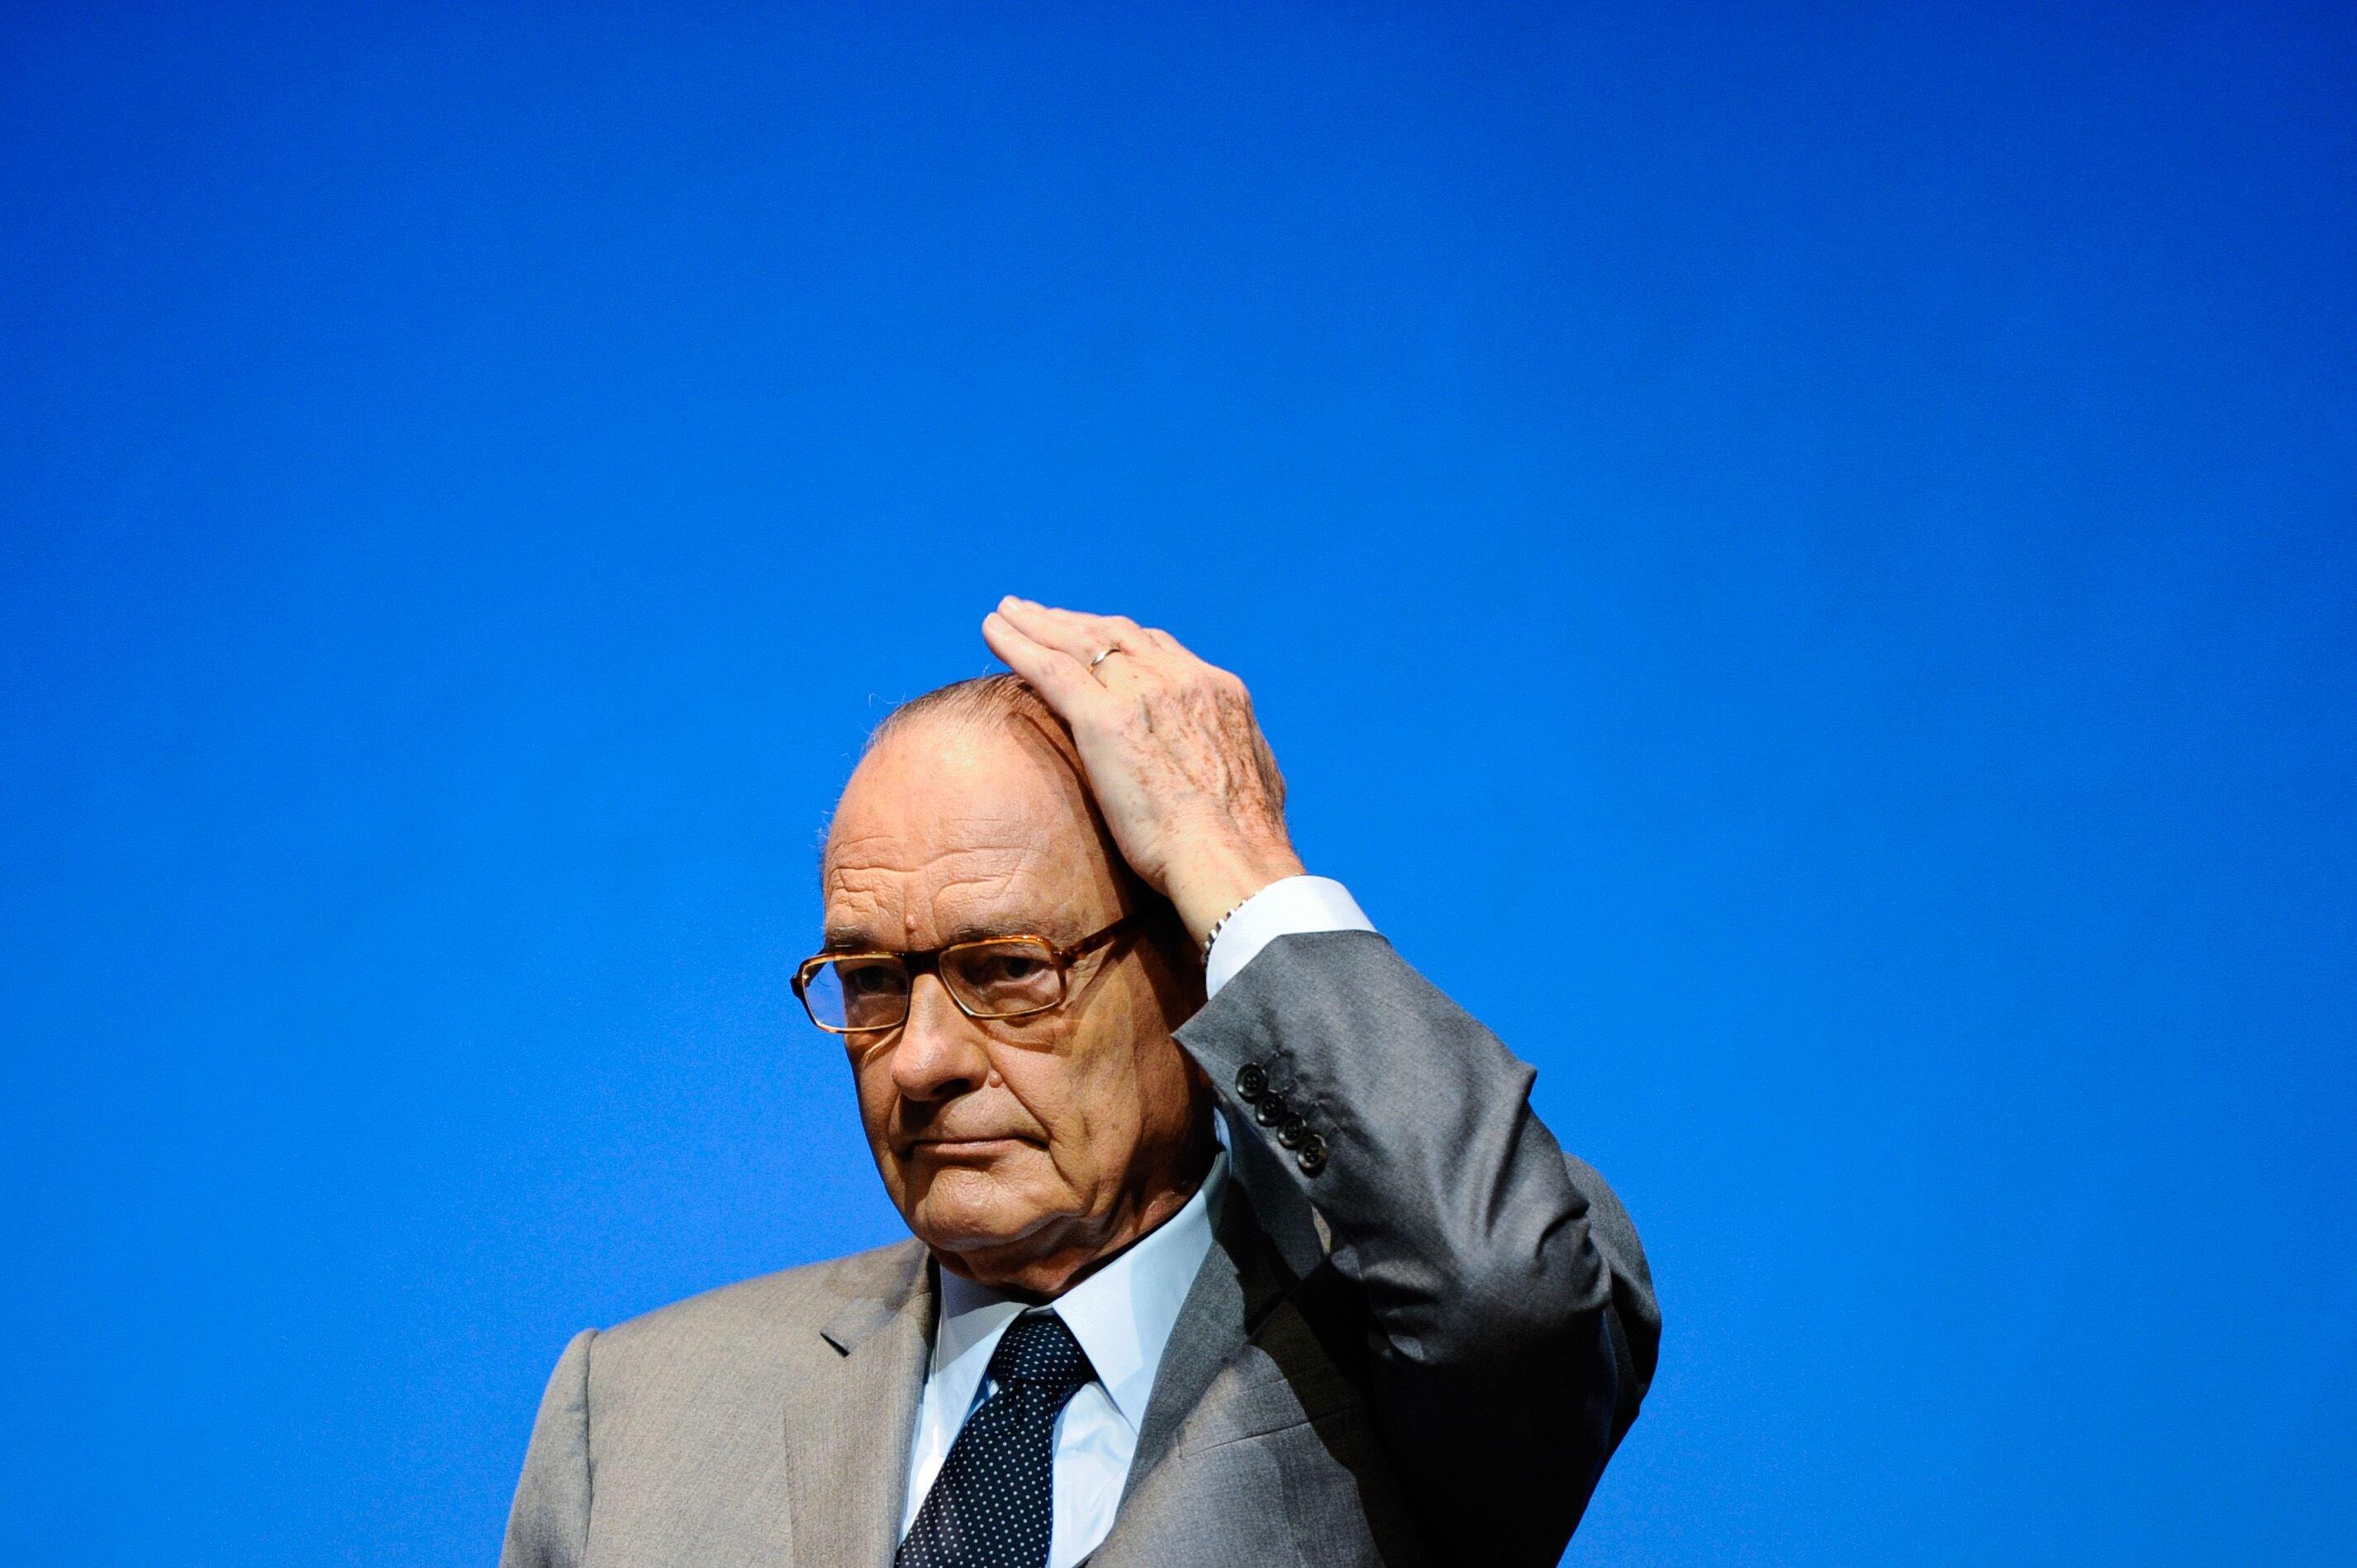 Portrait de l'ancien président français Jacques Chirac lors de la Cérémonie de la Fondation Chirac.   Photo : GettyImage